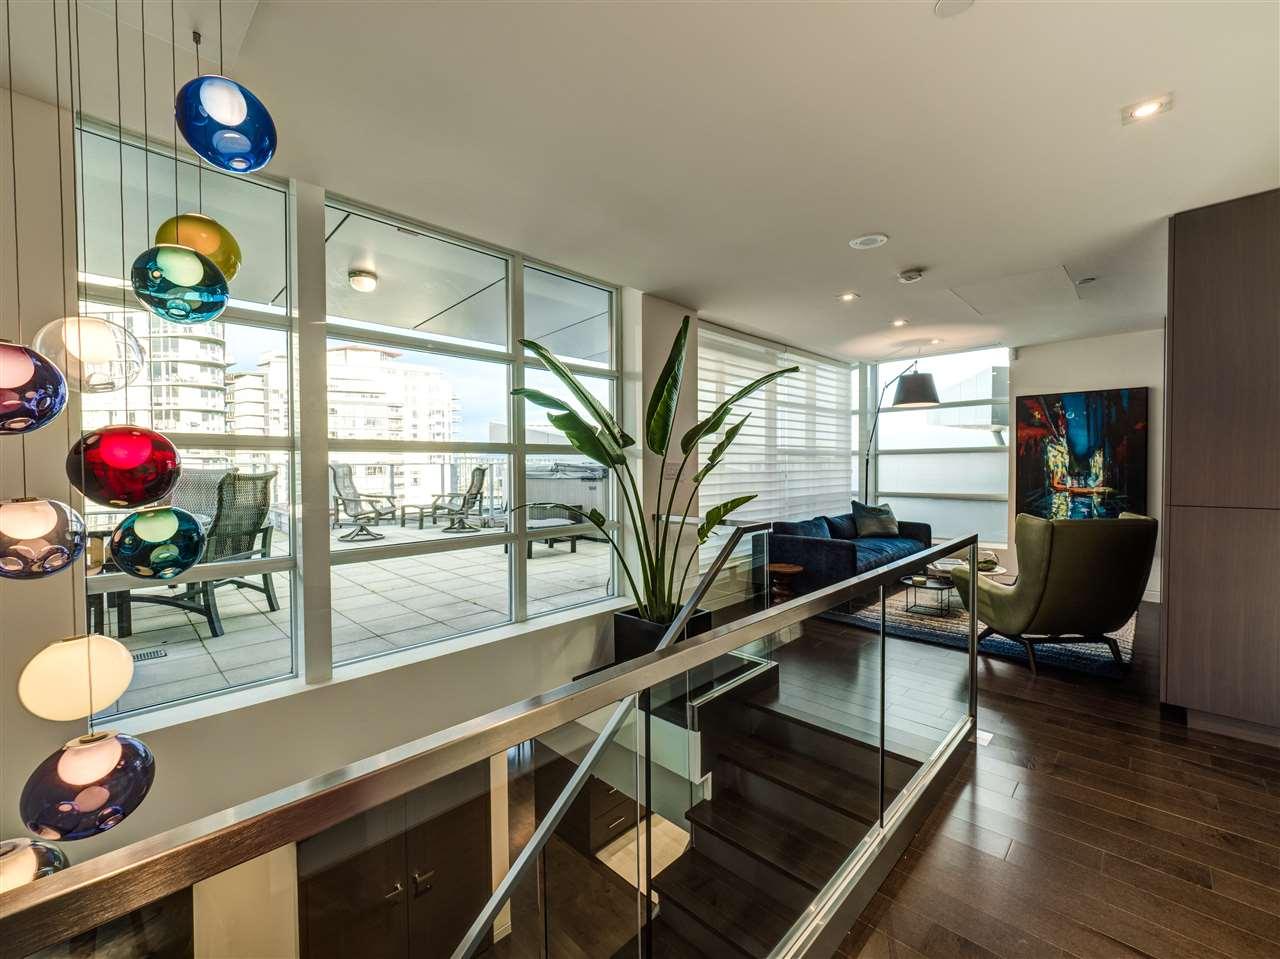 Condo Apartment at PH3 980 COOPERAGE WAY, Unit PH3, Vancouver West, British Columbia. Image 15